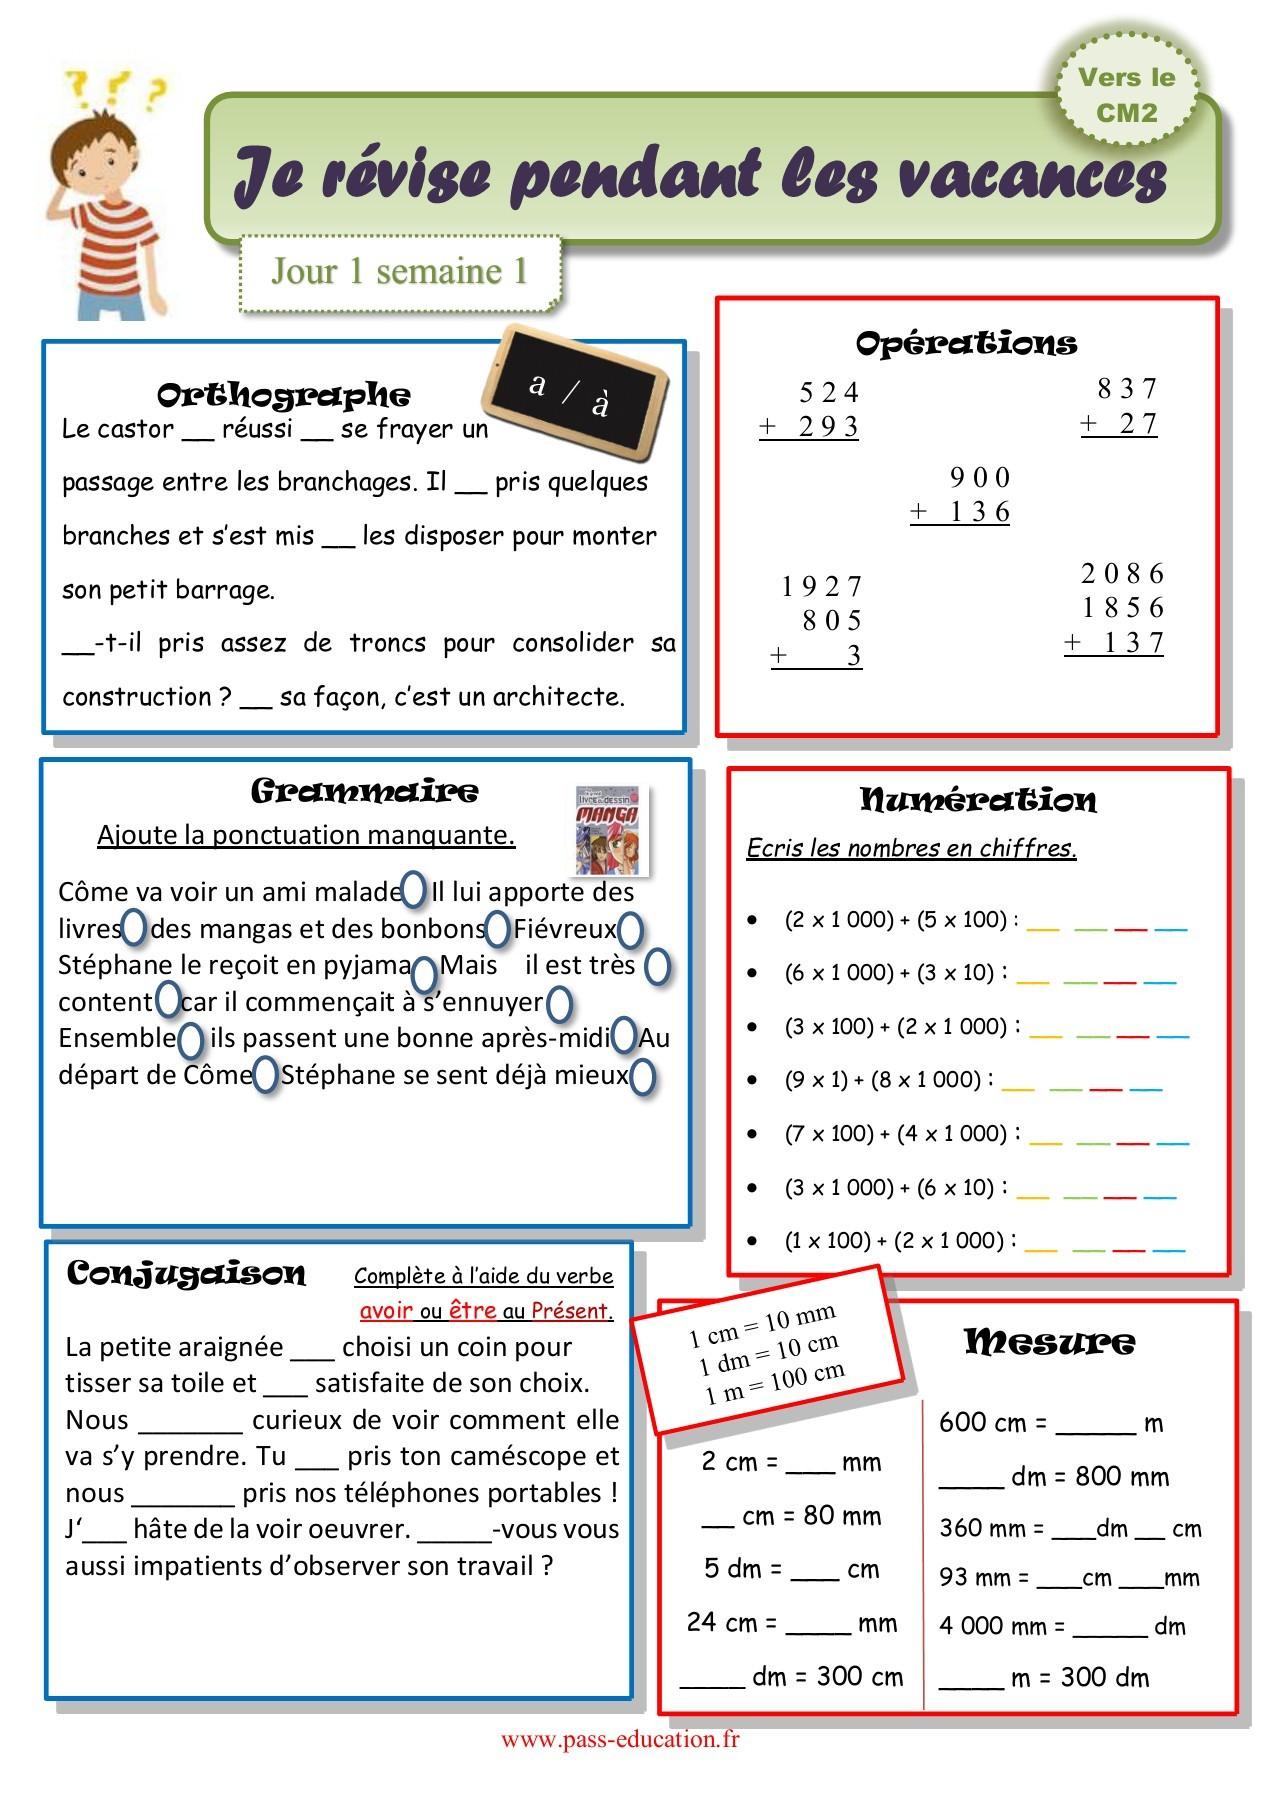 Cahier De Vacances Gratuit À Imprimer - Cm1 Vers Le Cm2 pour Cahier De Vacances À Télécharger Gratuitement